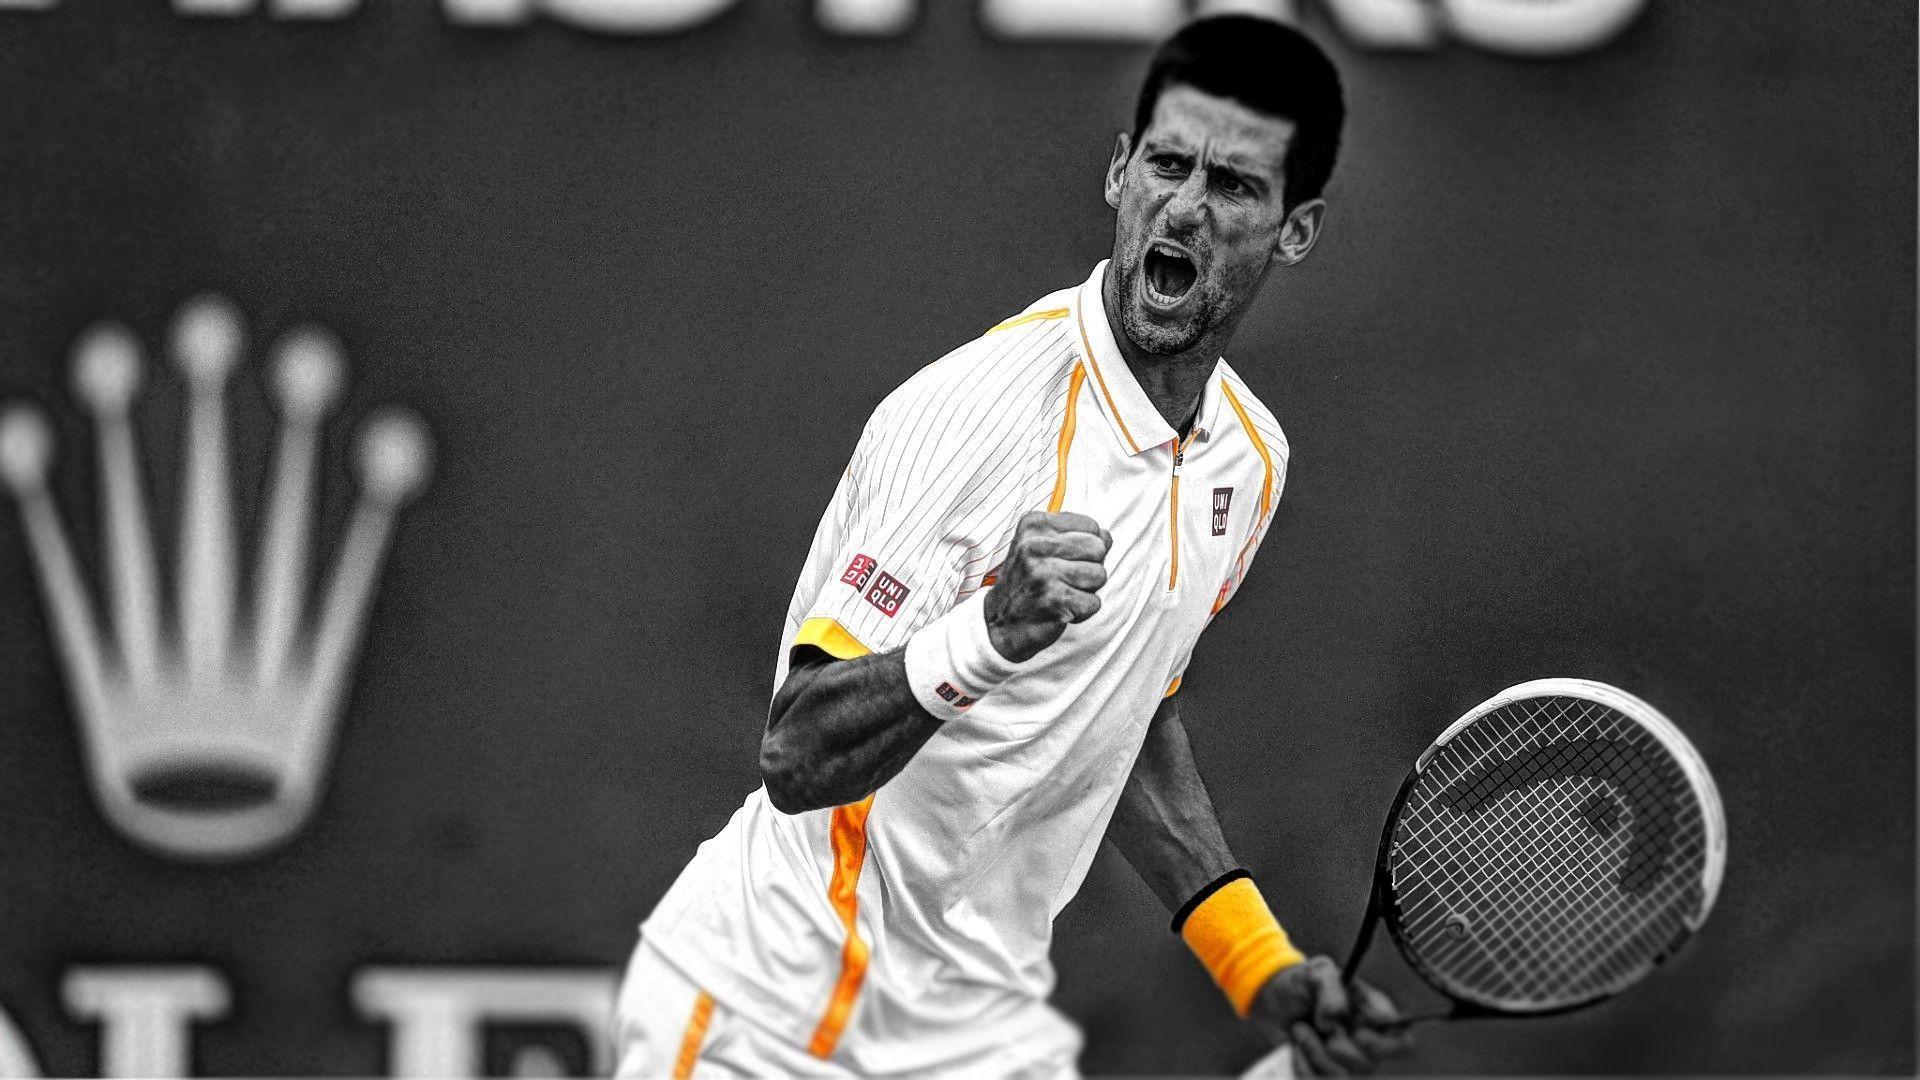 Novak Djokovic HD Wallpapers 1920x1080